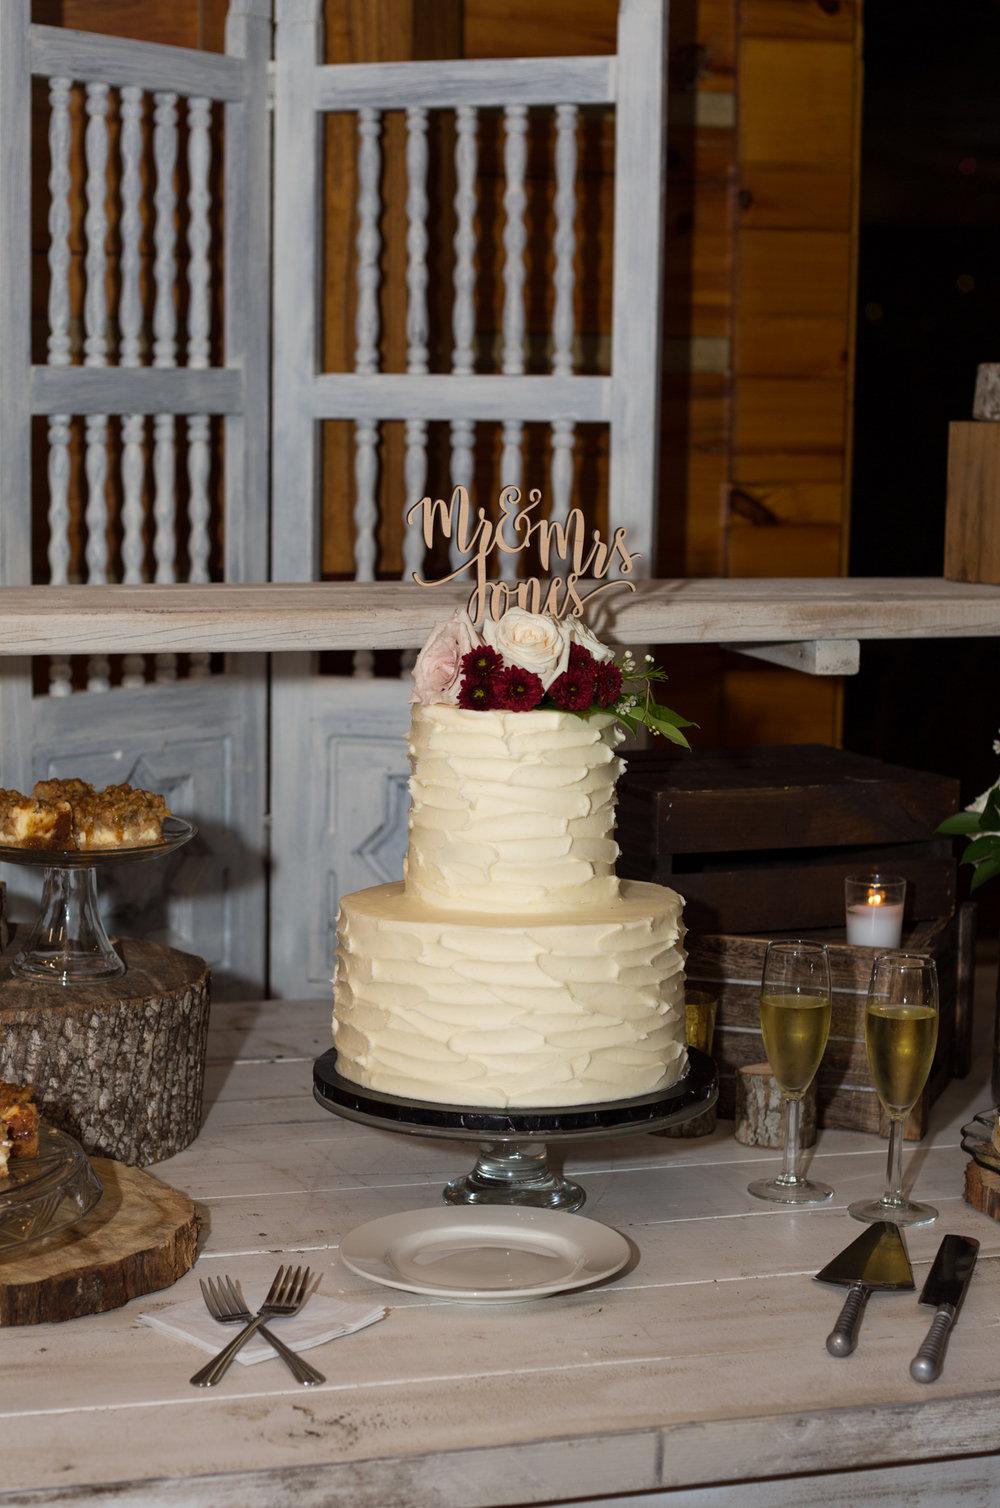 Legacy-Farms-Wedding-Haley-and-jared-Sneak-Peak-0177.jpg